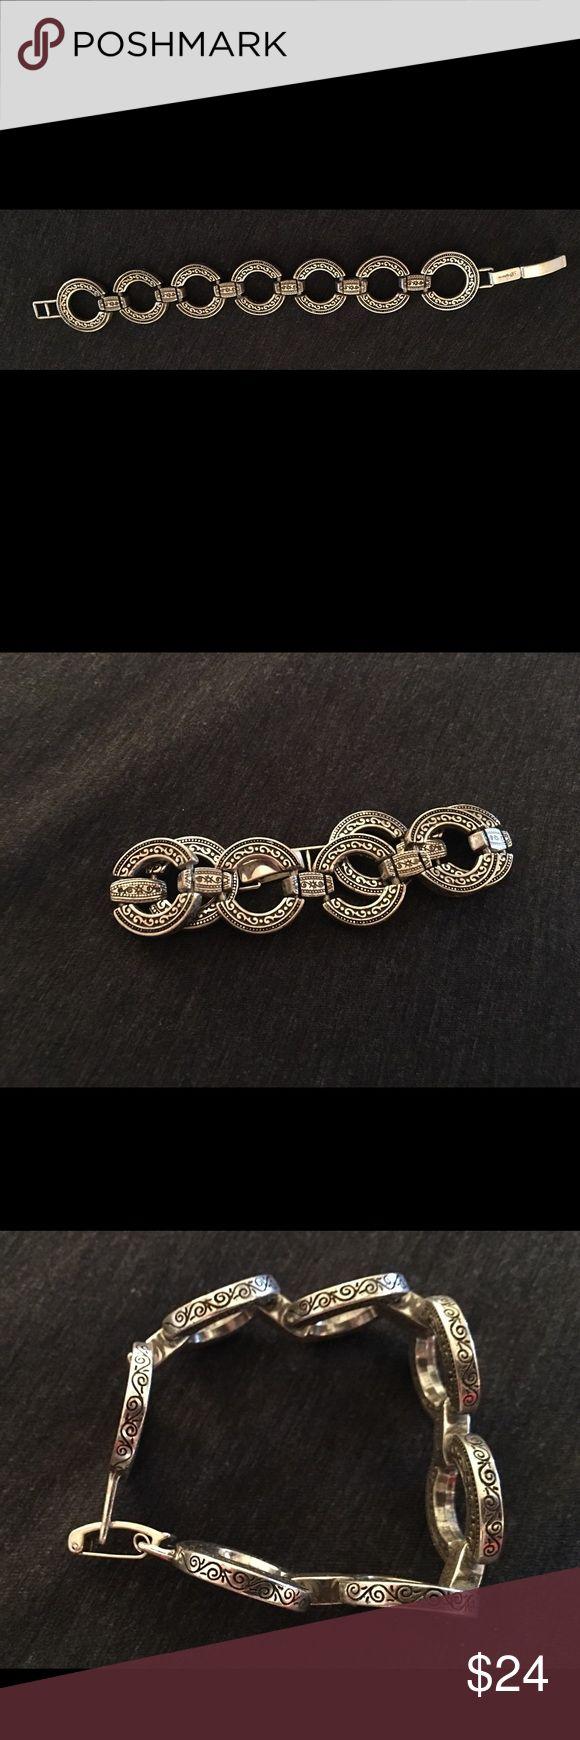 Brighton bracelet Brighton bracelet - 7 inches Brighton Jewelry Bracelets